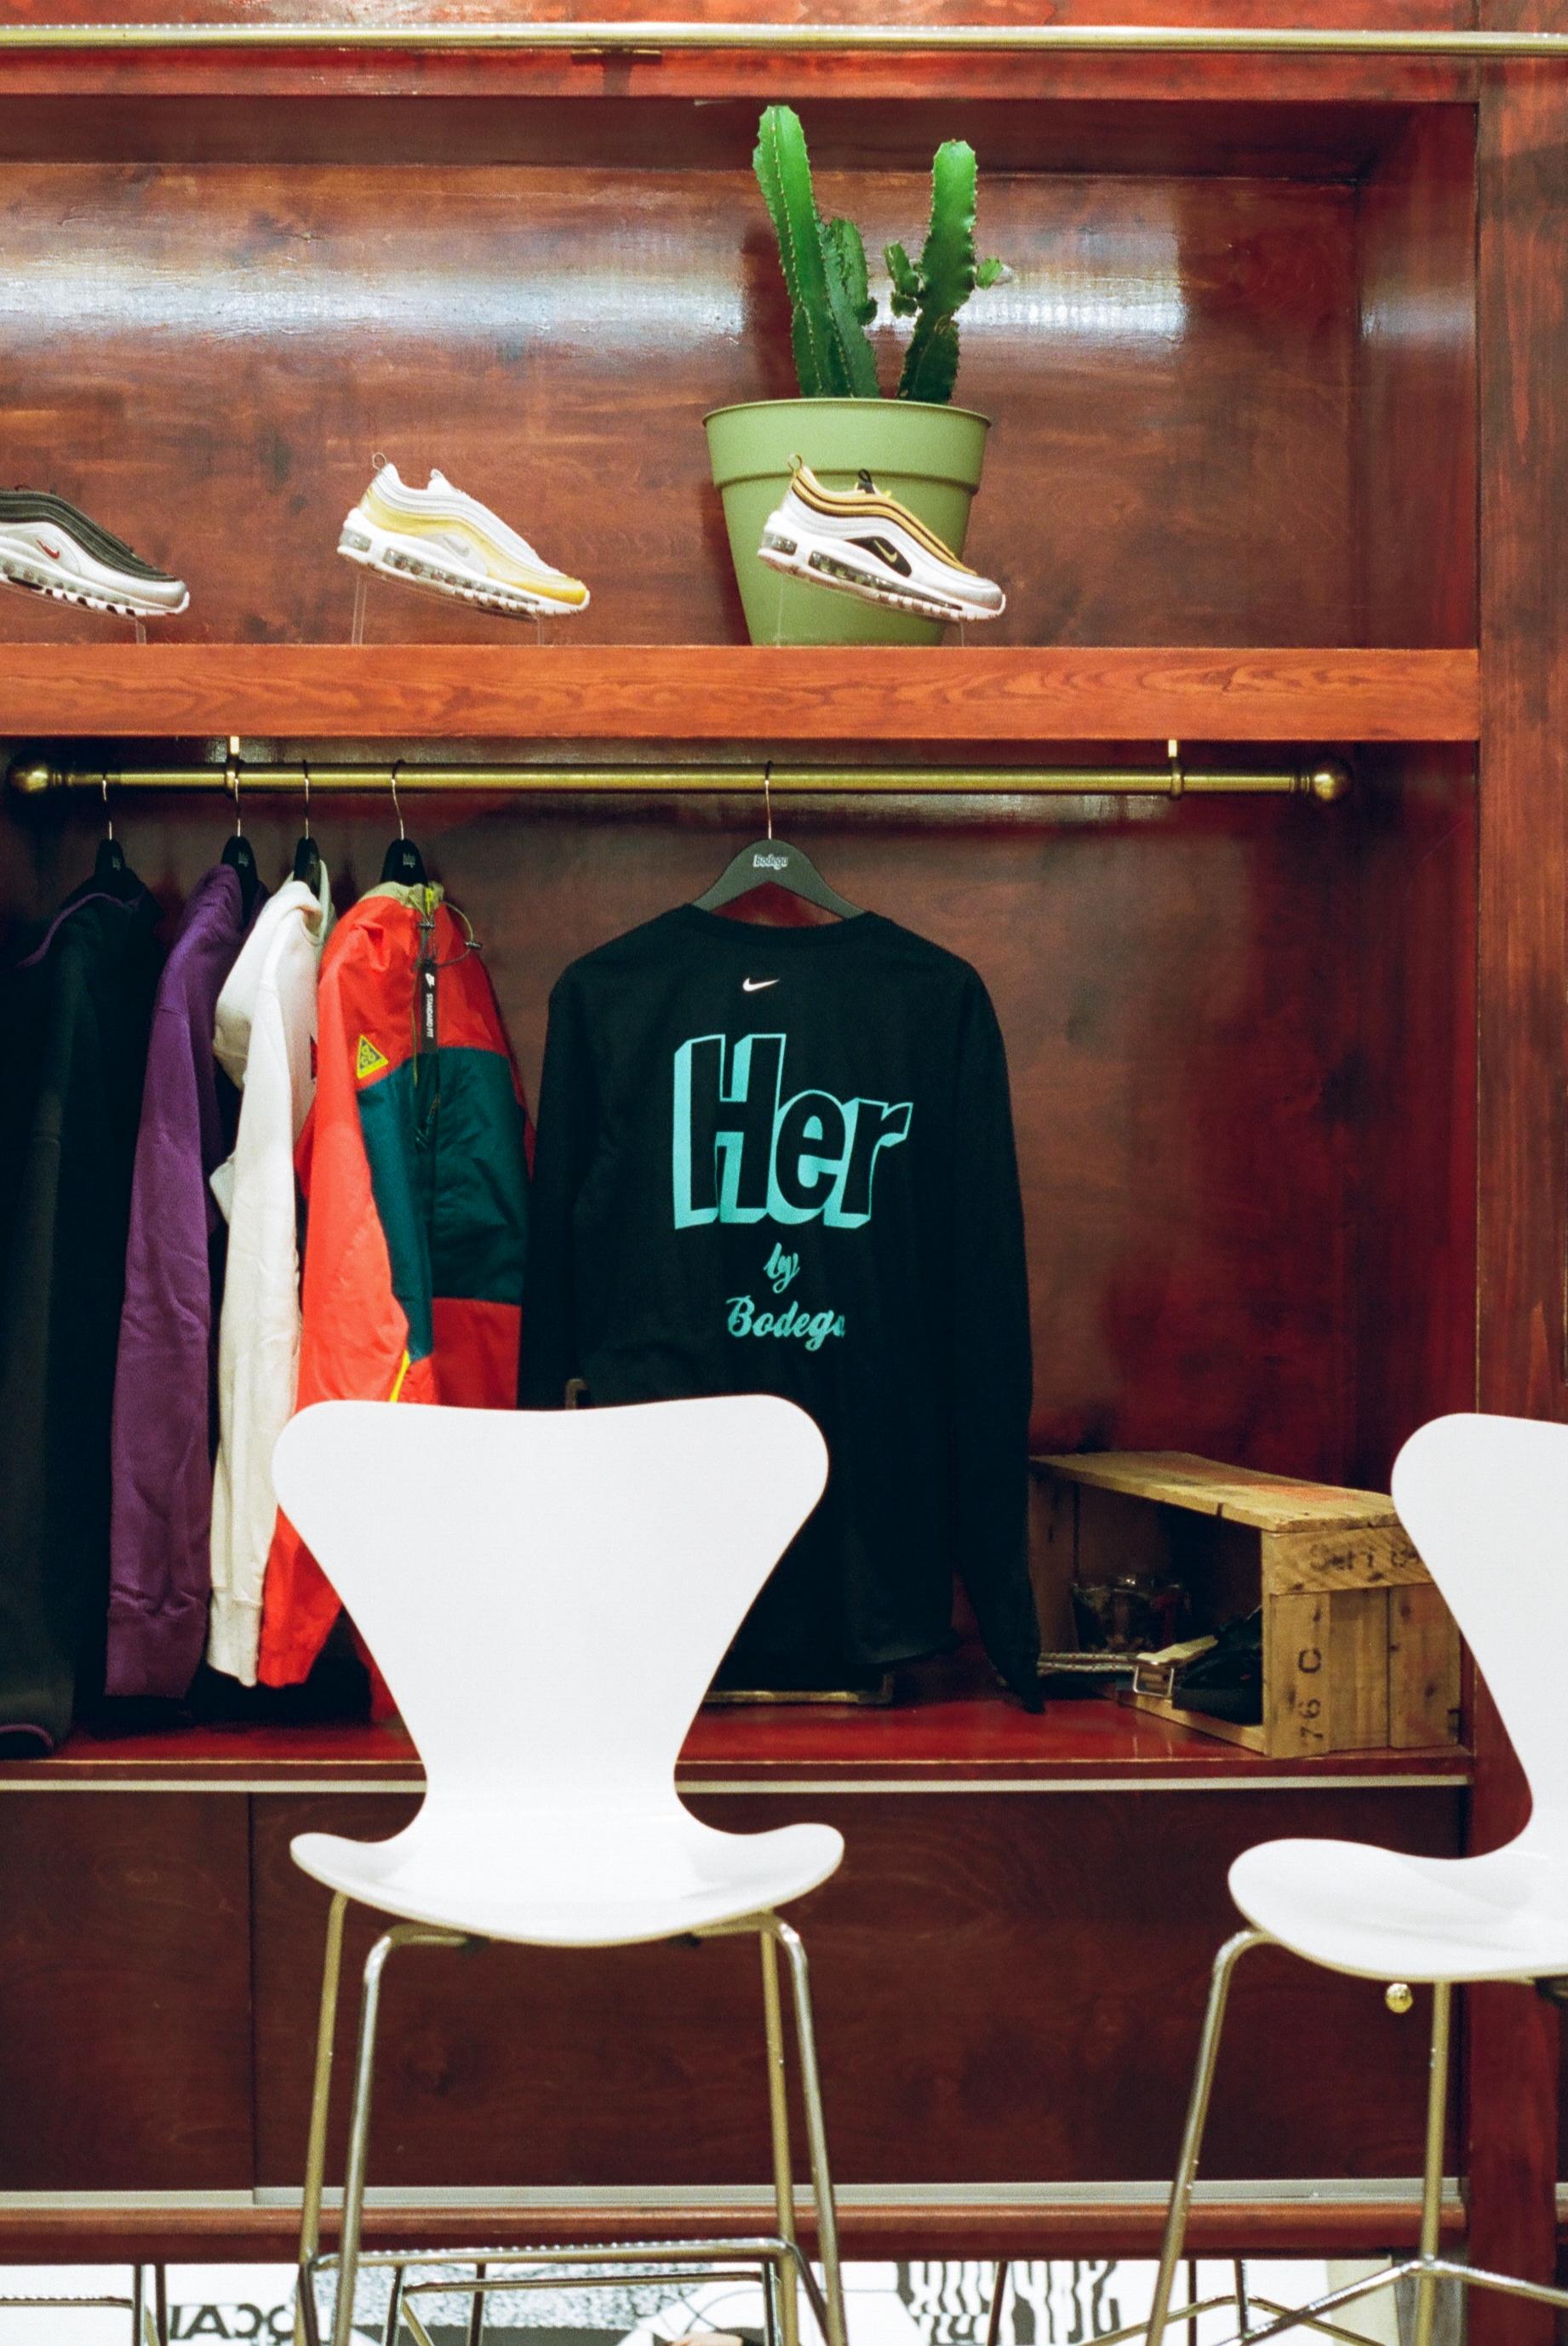 HER by Bodega & Nike